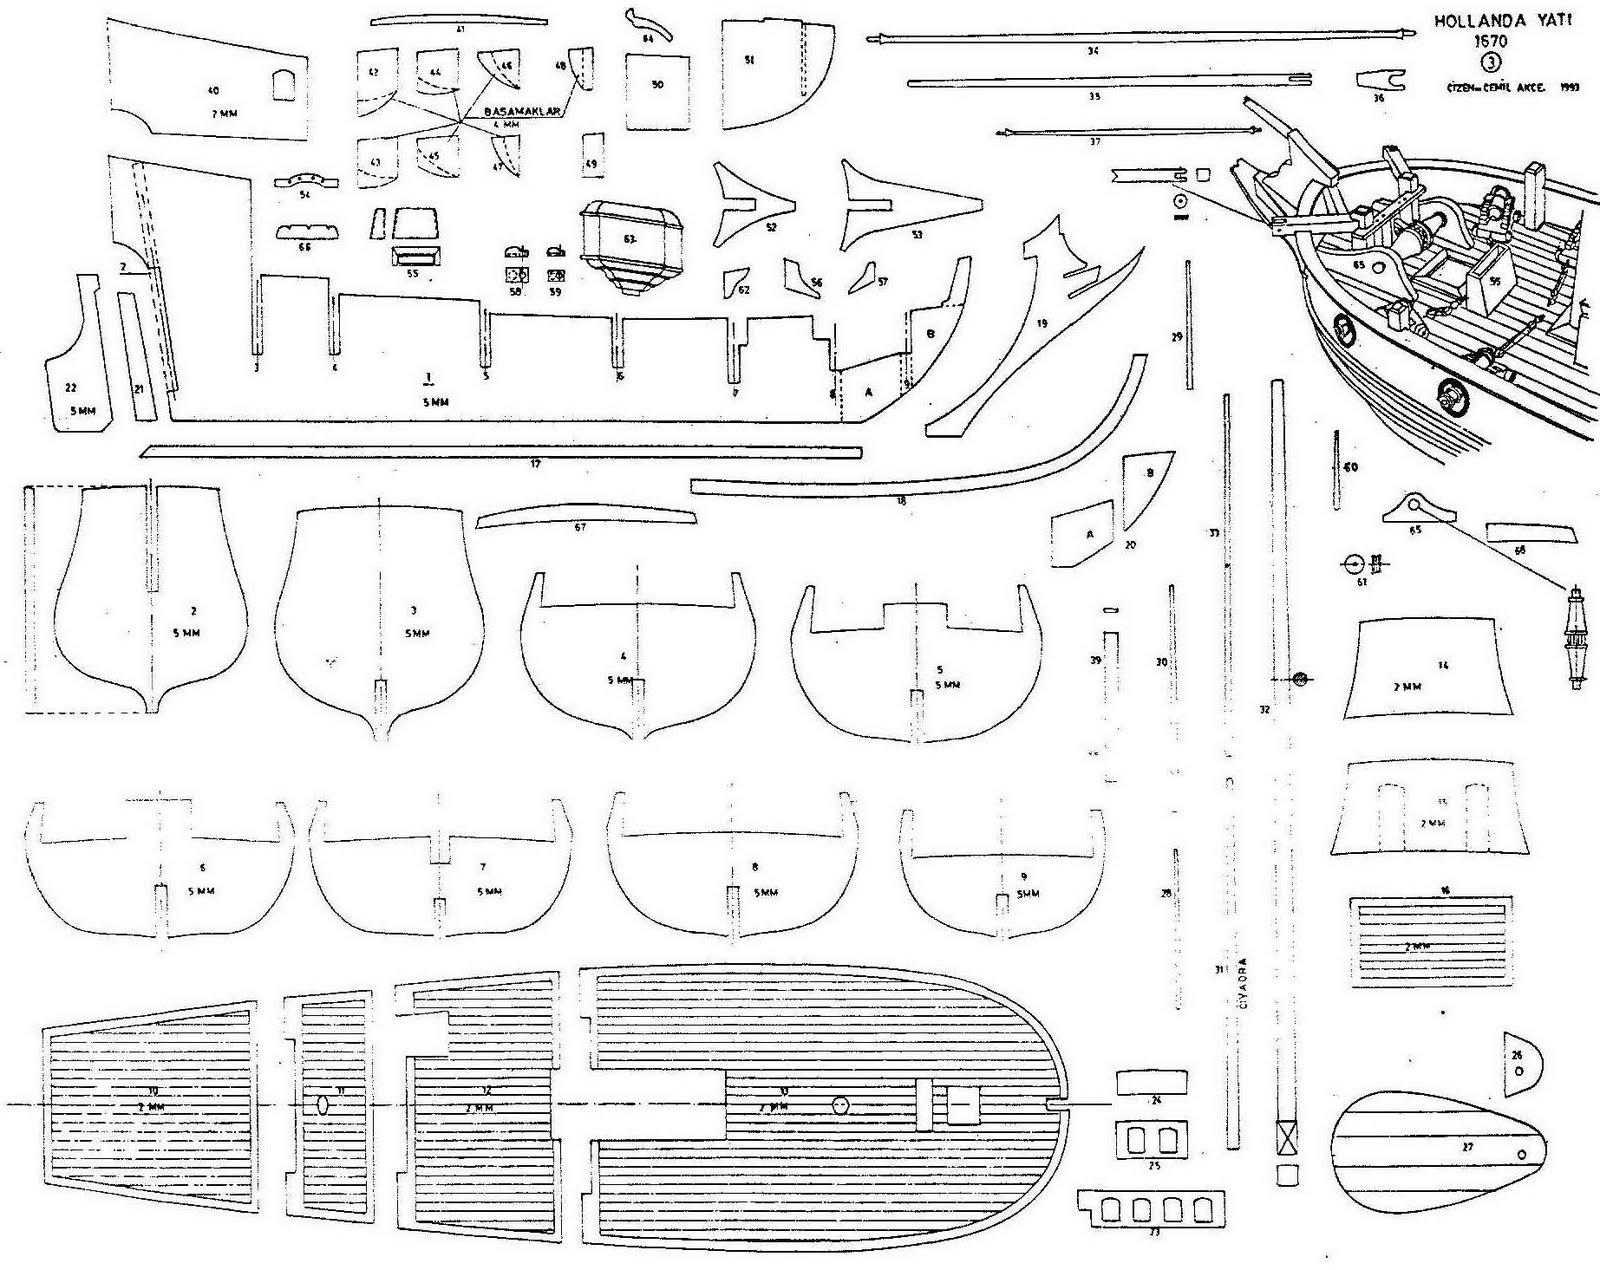 Quinze marins sur le bahut du mort plan hollande yacht for Plan gratuit